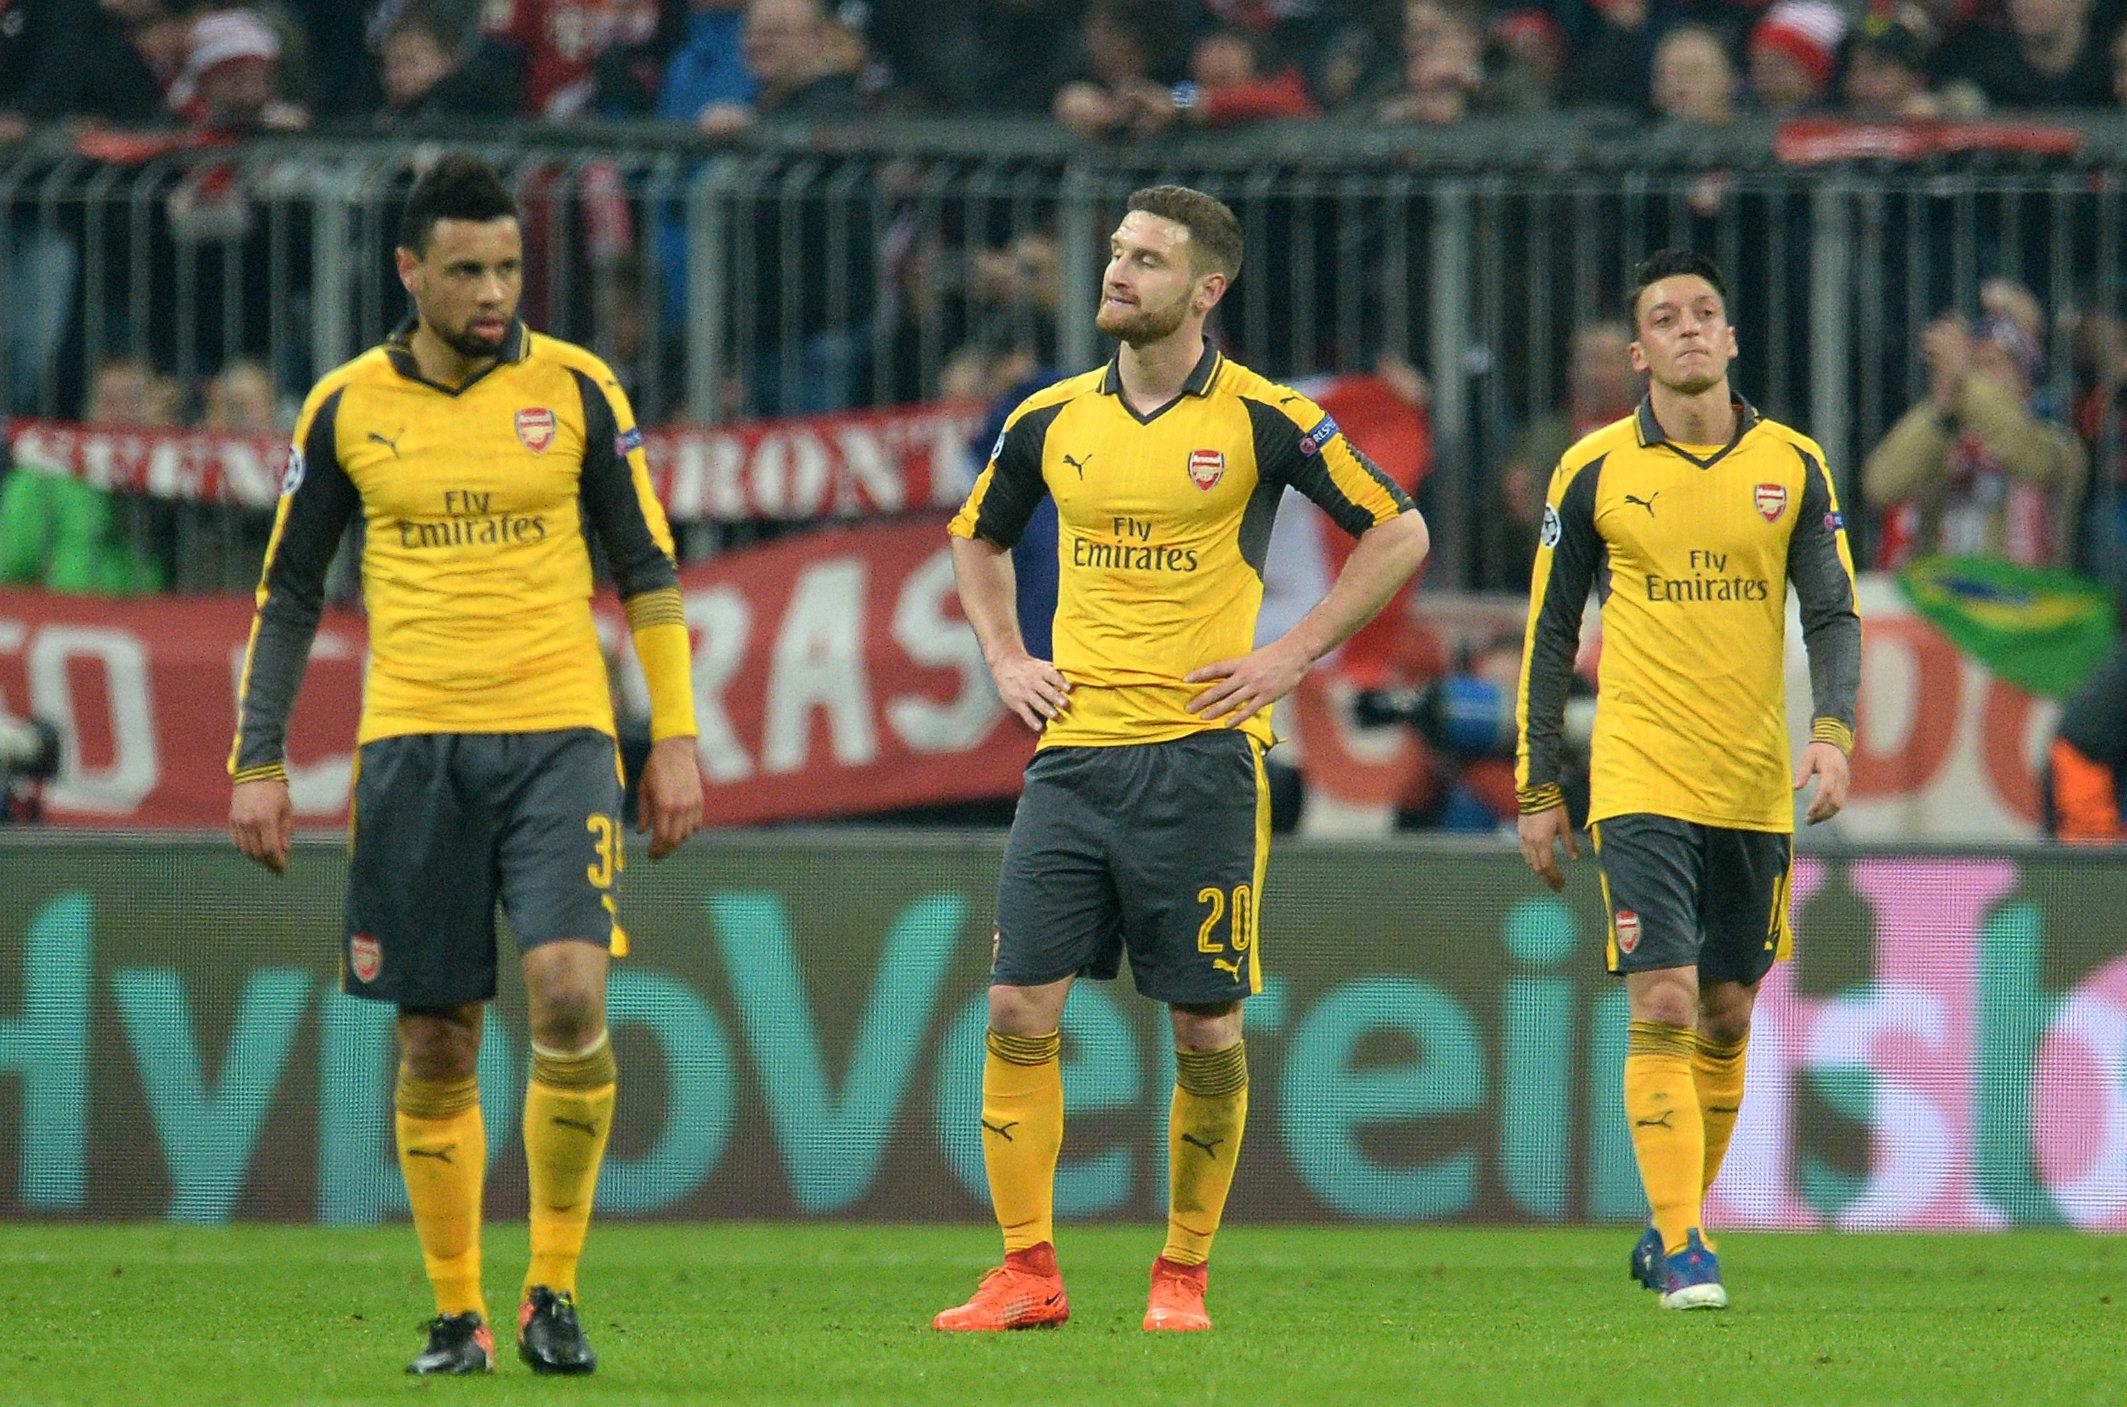 Auf dem brisanten Video sollen auch die beiden deutschen SpielerShkodran Mustafi (Mitte) undMesut Özil (r.) zu sehen sein.